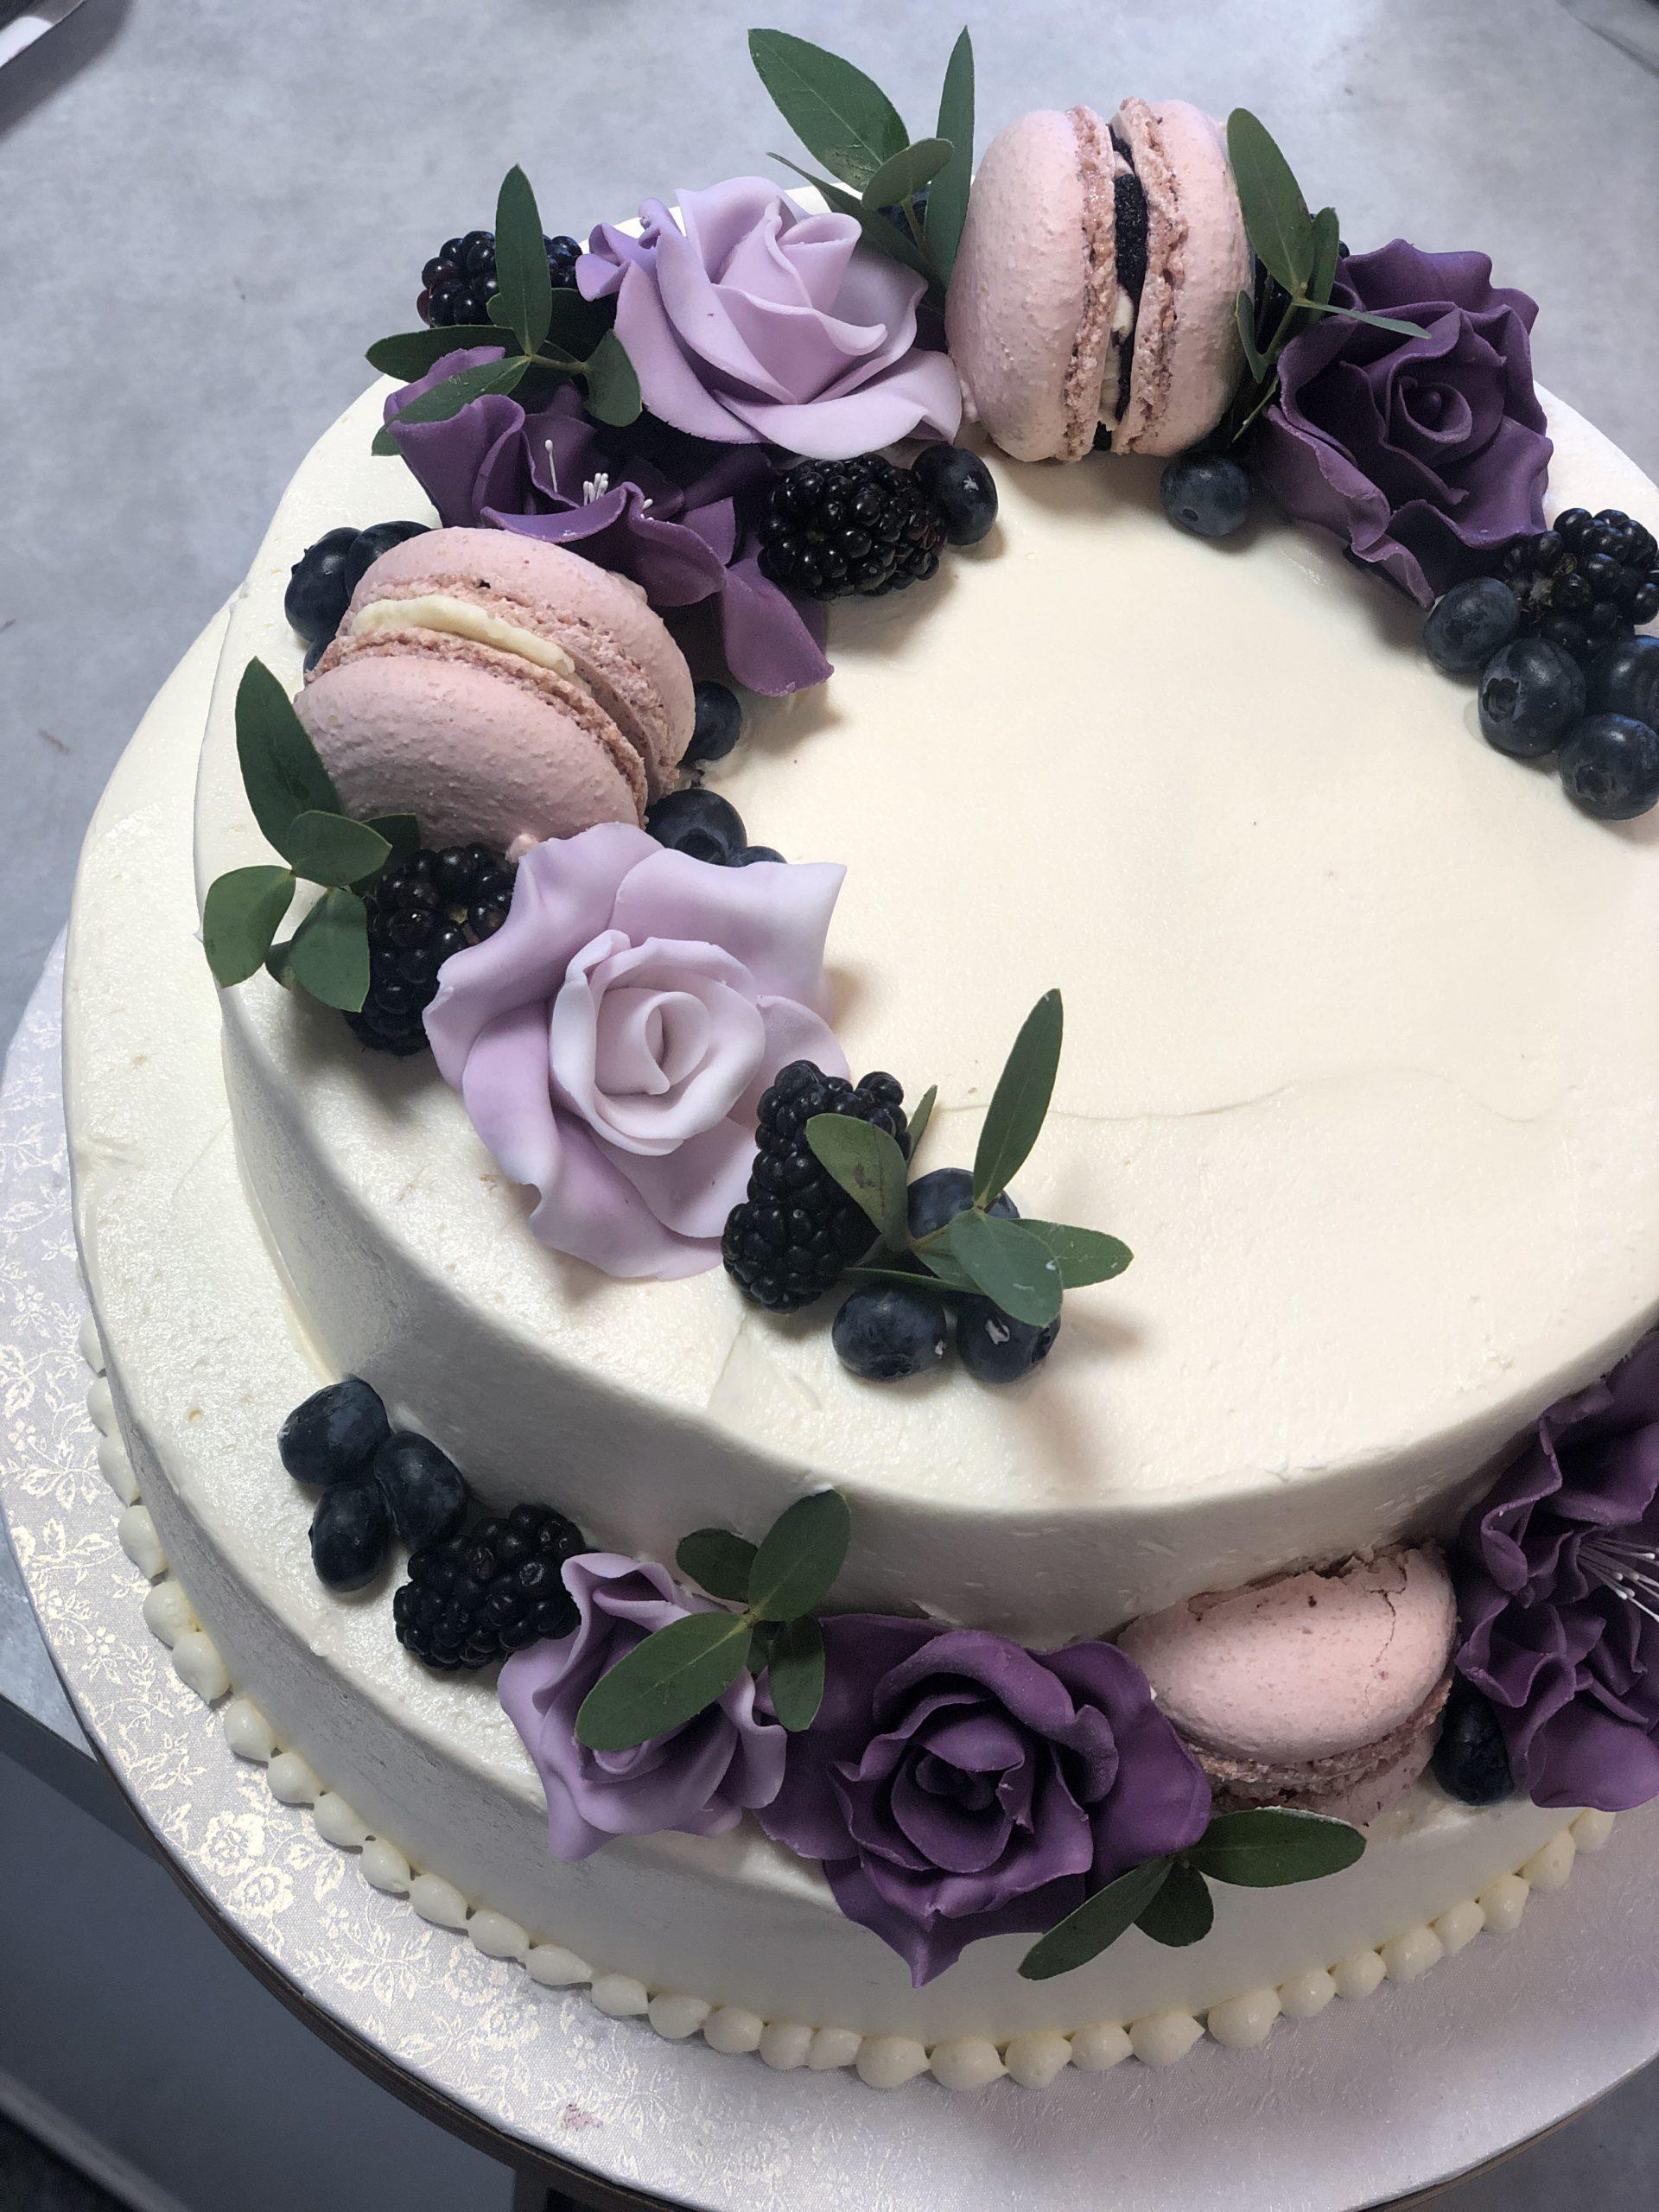 dzimšanas dienas kūka ar makarūniem